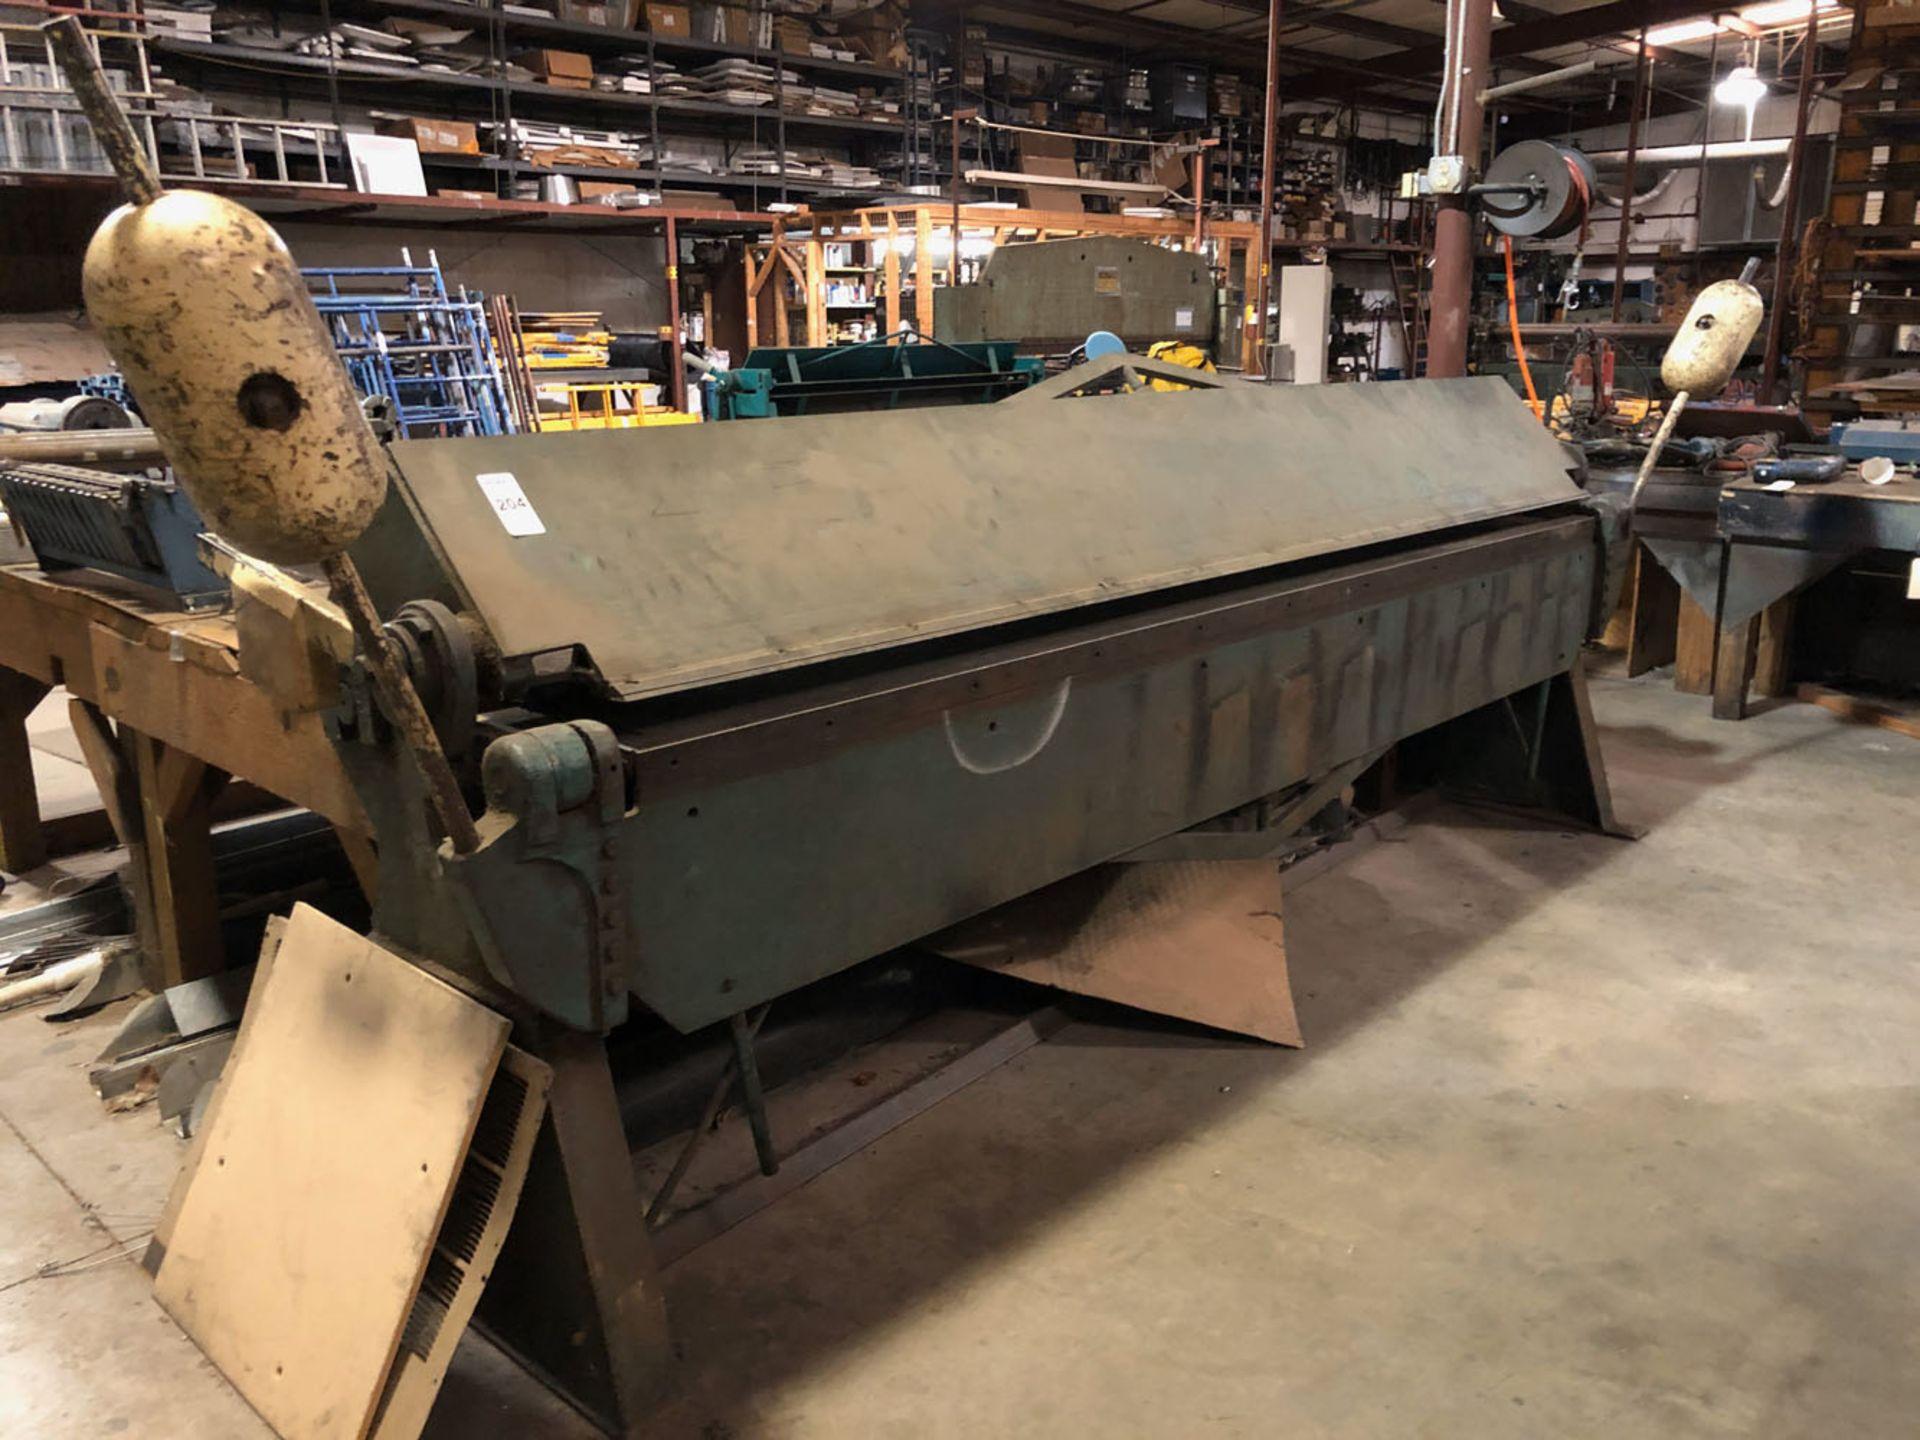 Lot 204 - Brake, Chicago Model S1016 Serial #307420